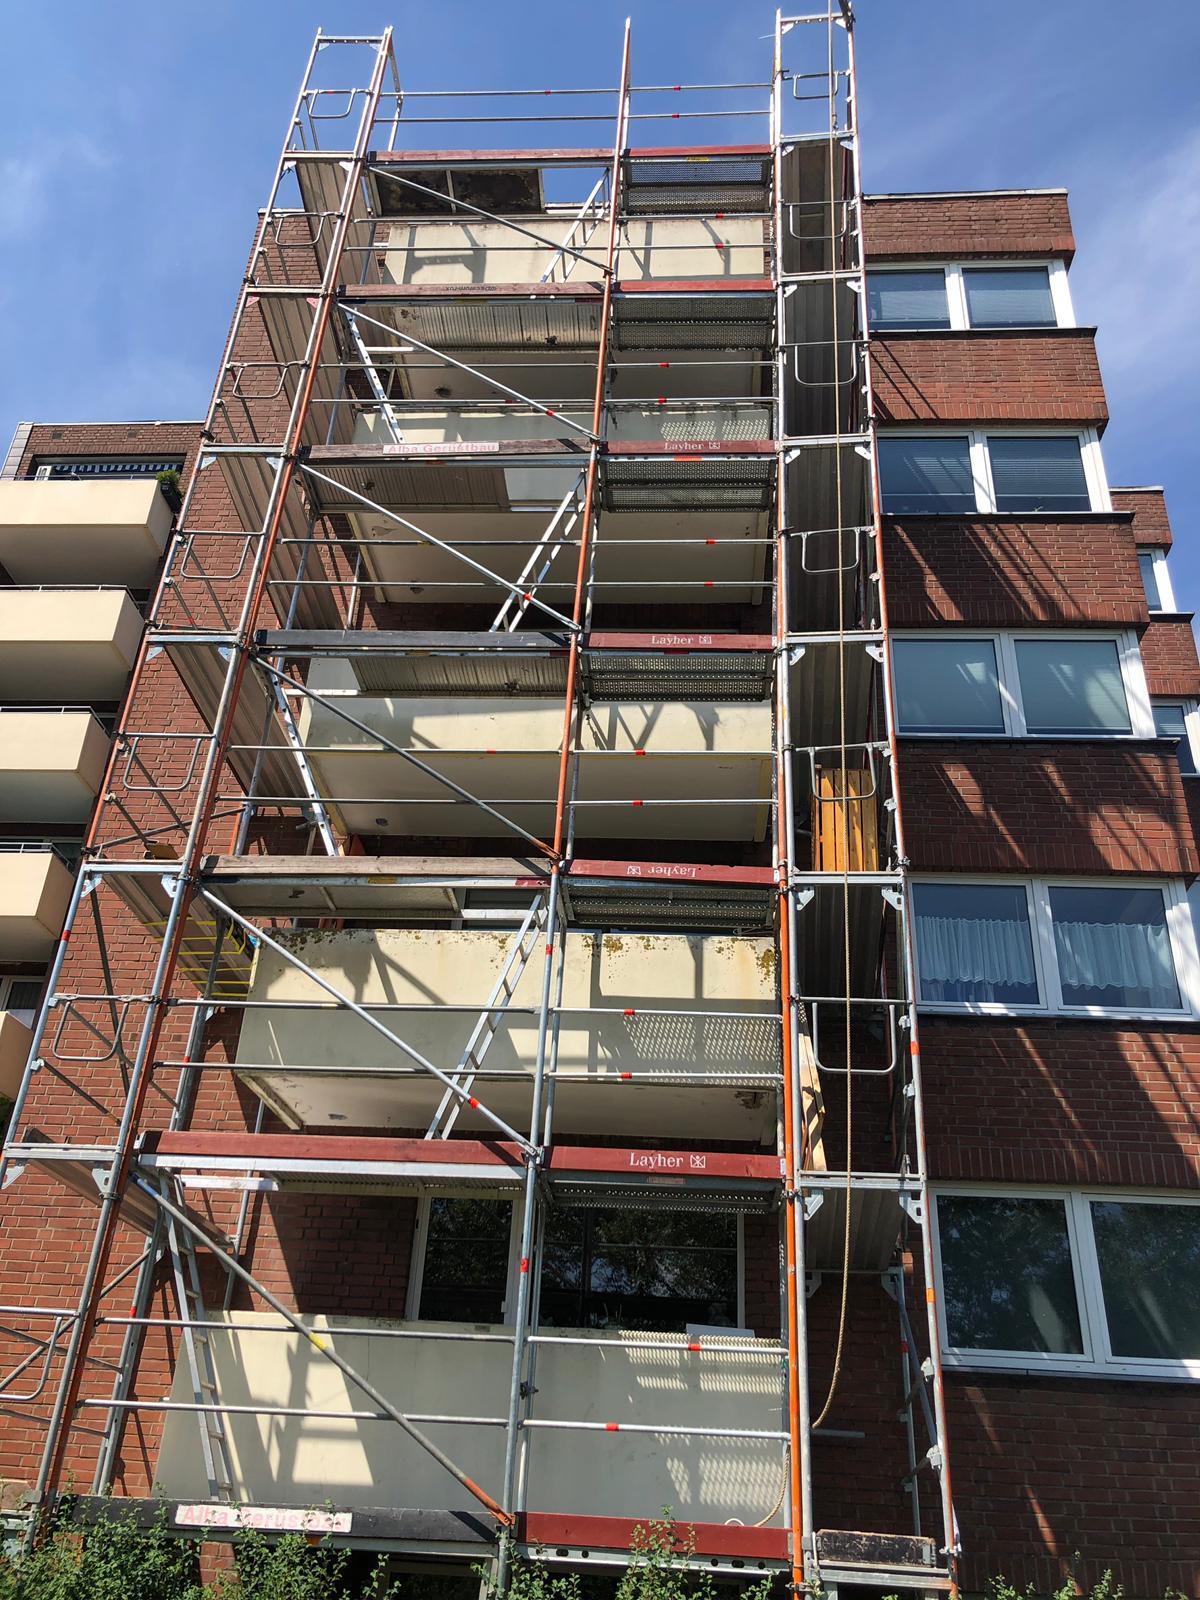 Balkonsanierungen in Duisburg – Flüssigkunststoffabdichtung und neue Abflüsse für die Balkone